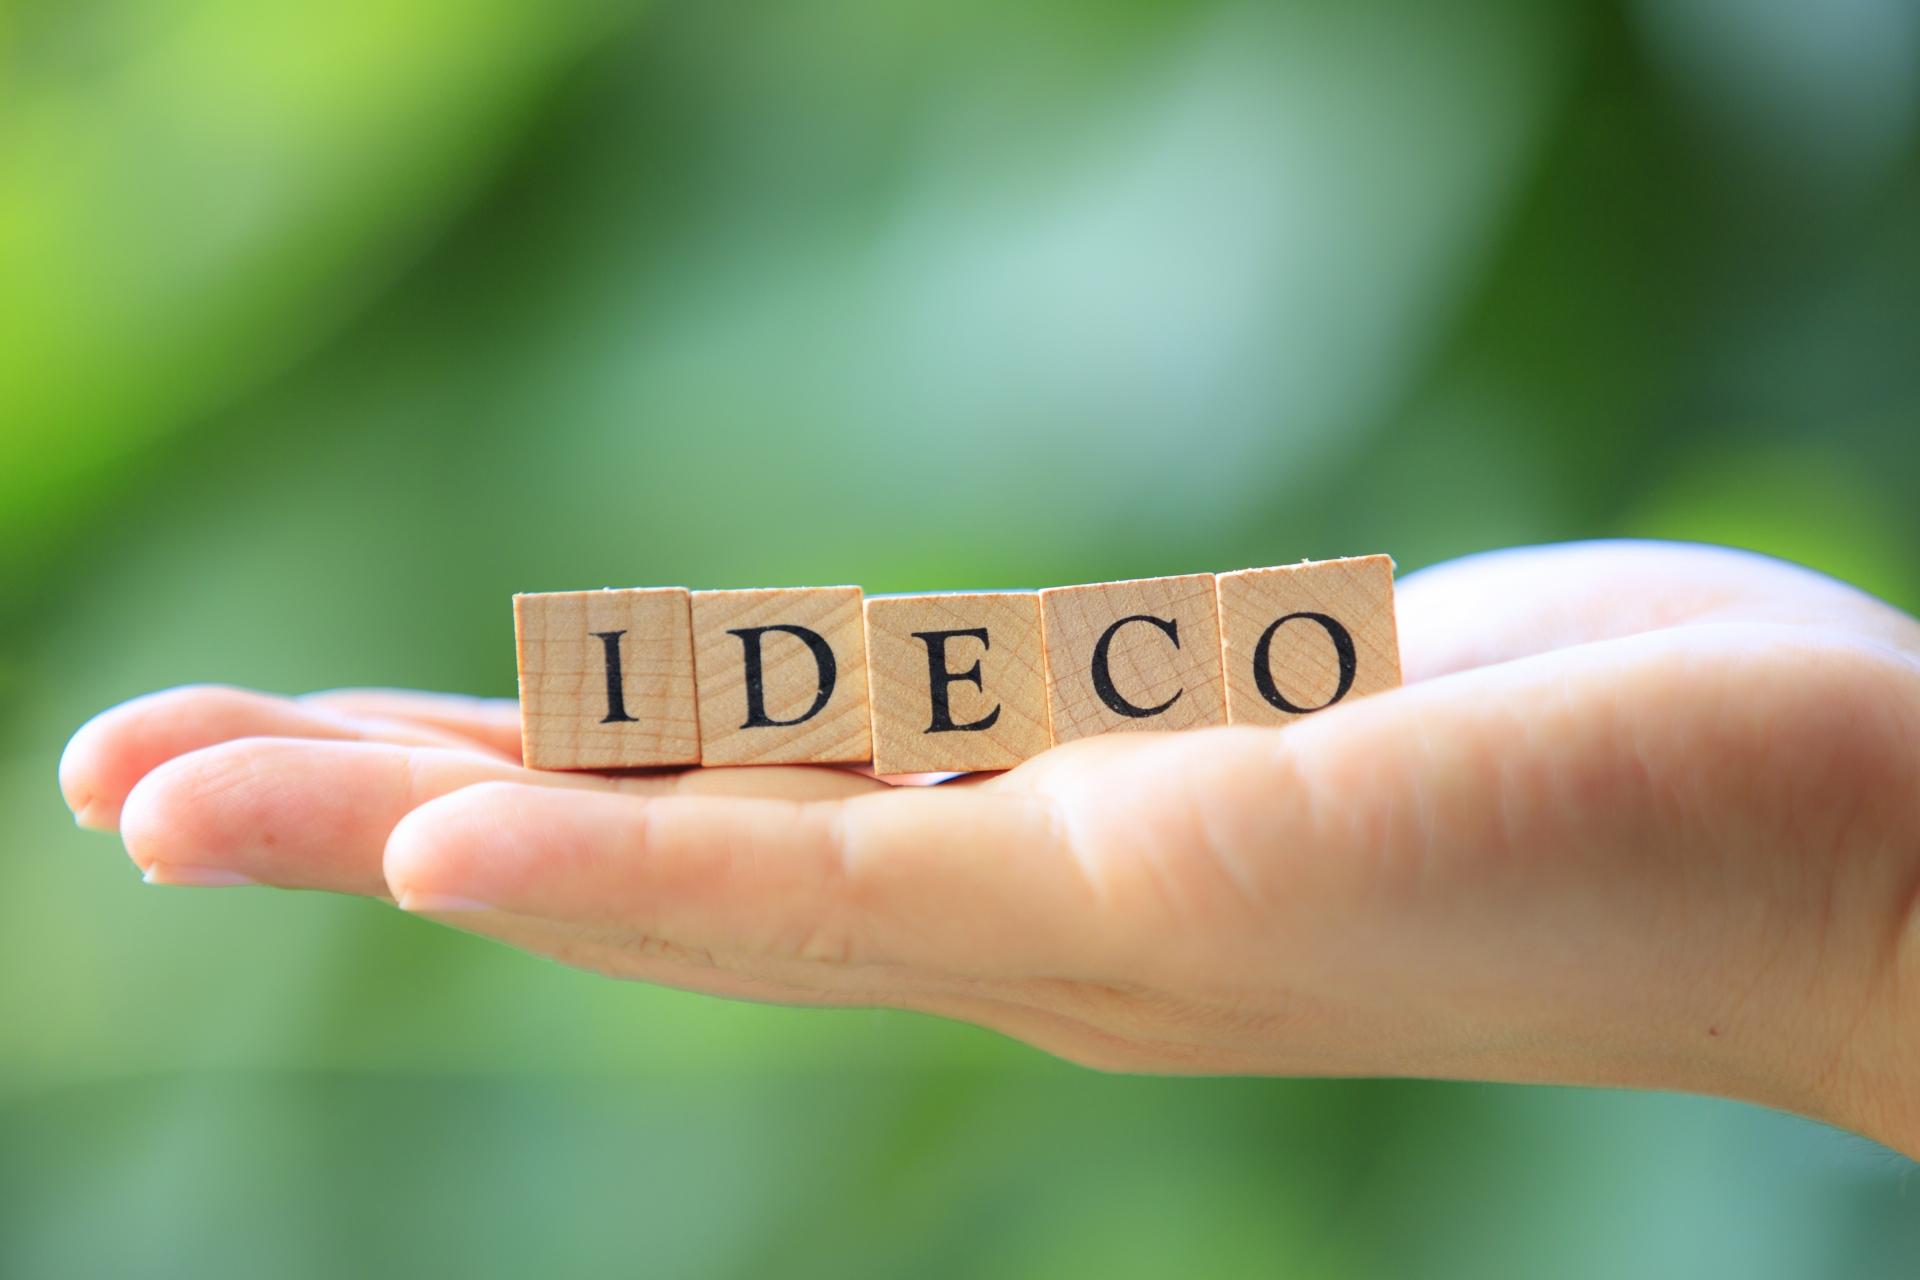 SBI証券のiDeCo新プラン「セレクトプラン」の方が良い理由